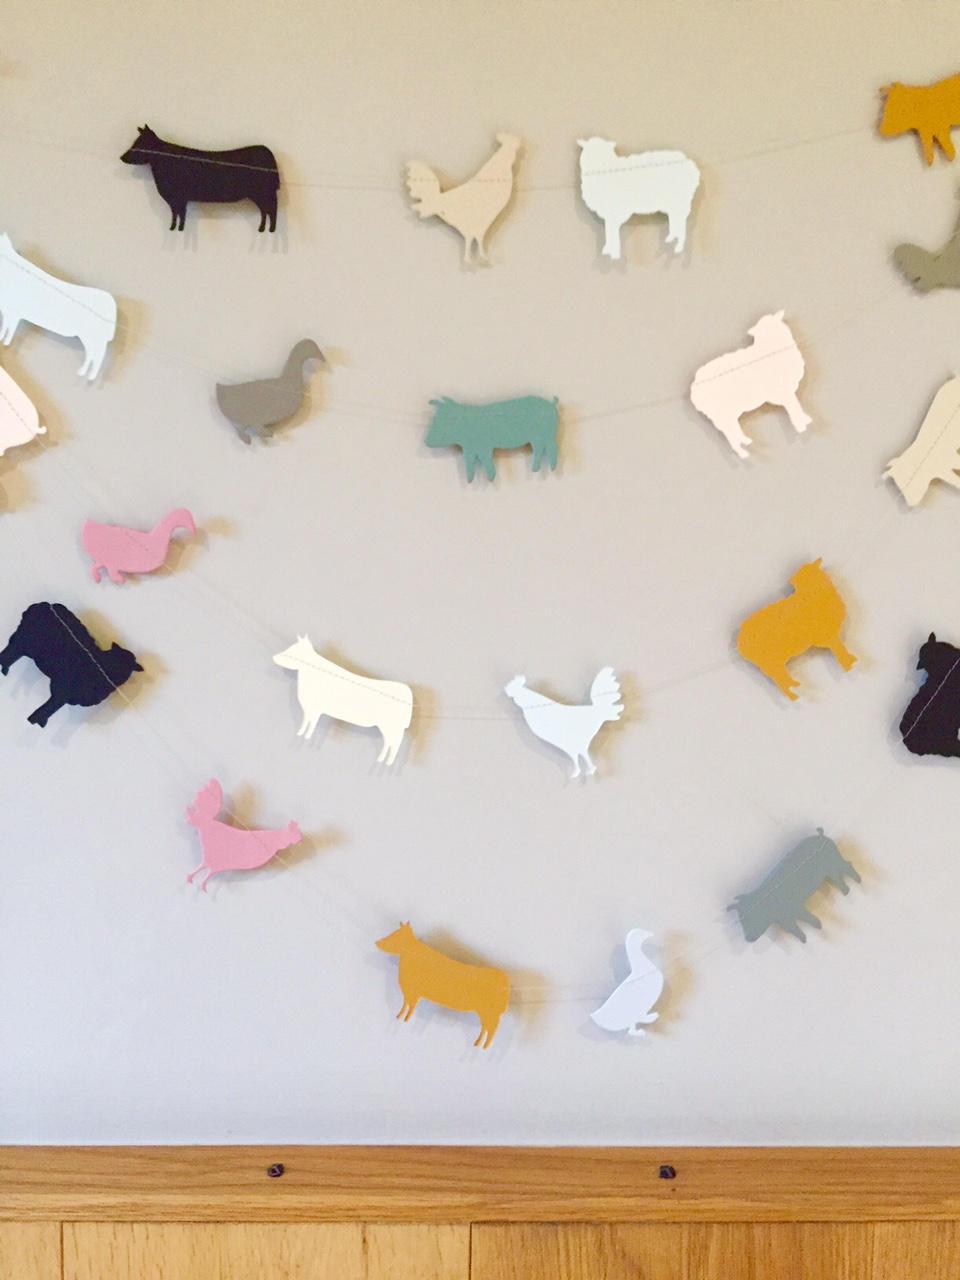 New Country Girl farm animal garland. ©2016 Kelly M. O'Brien.